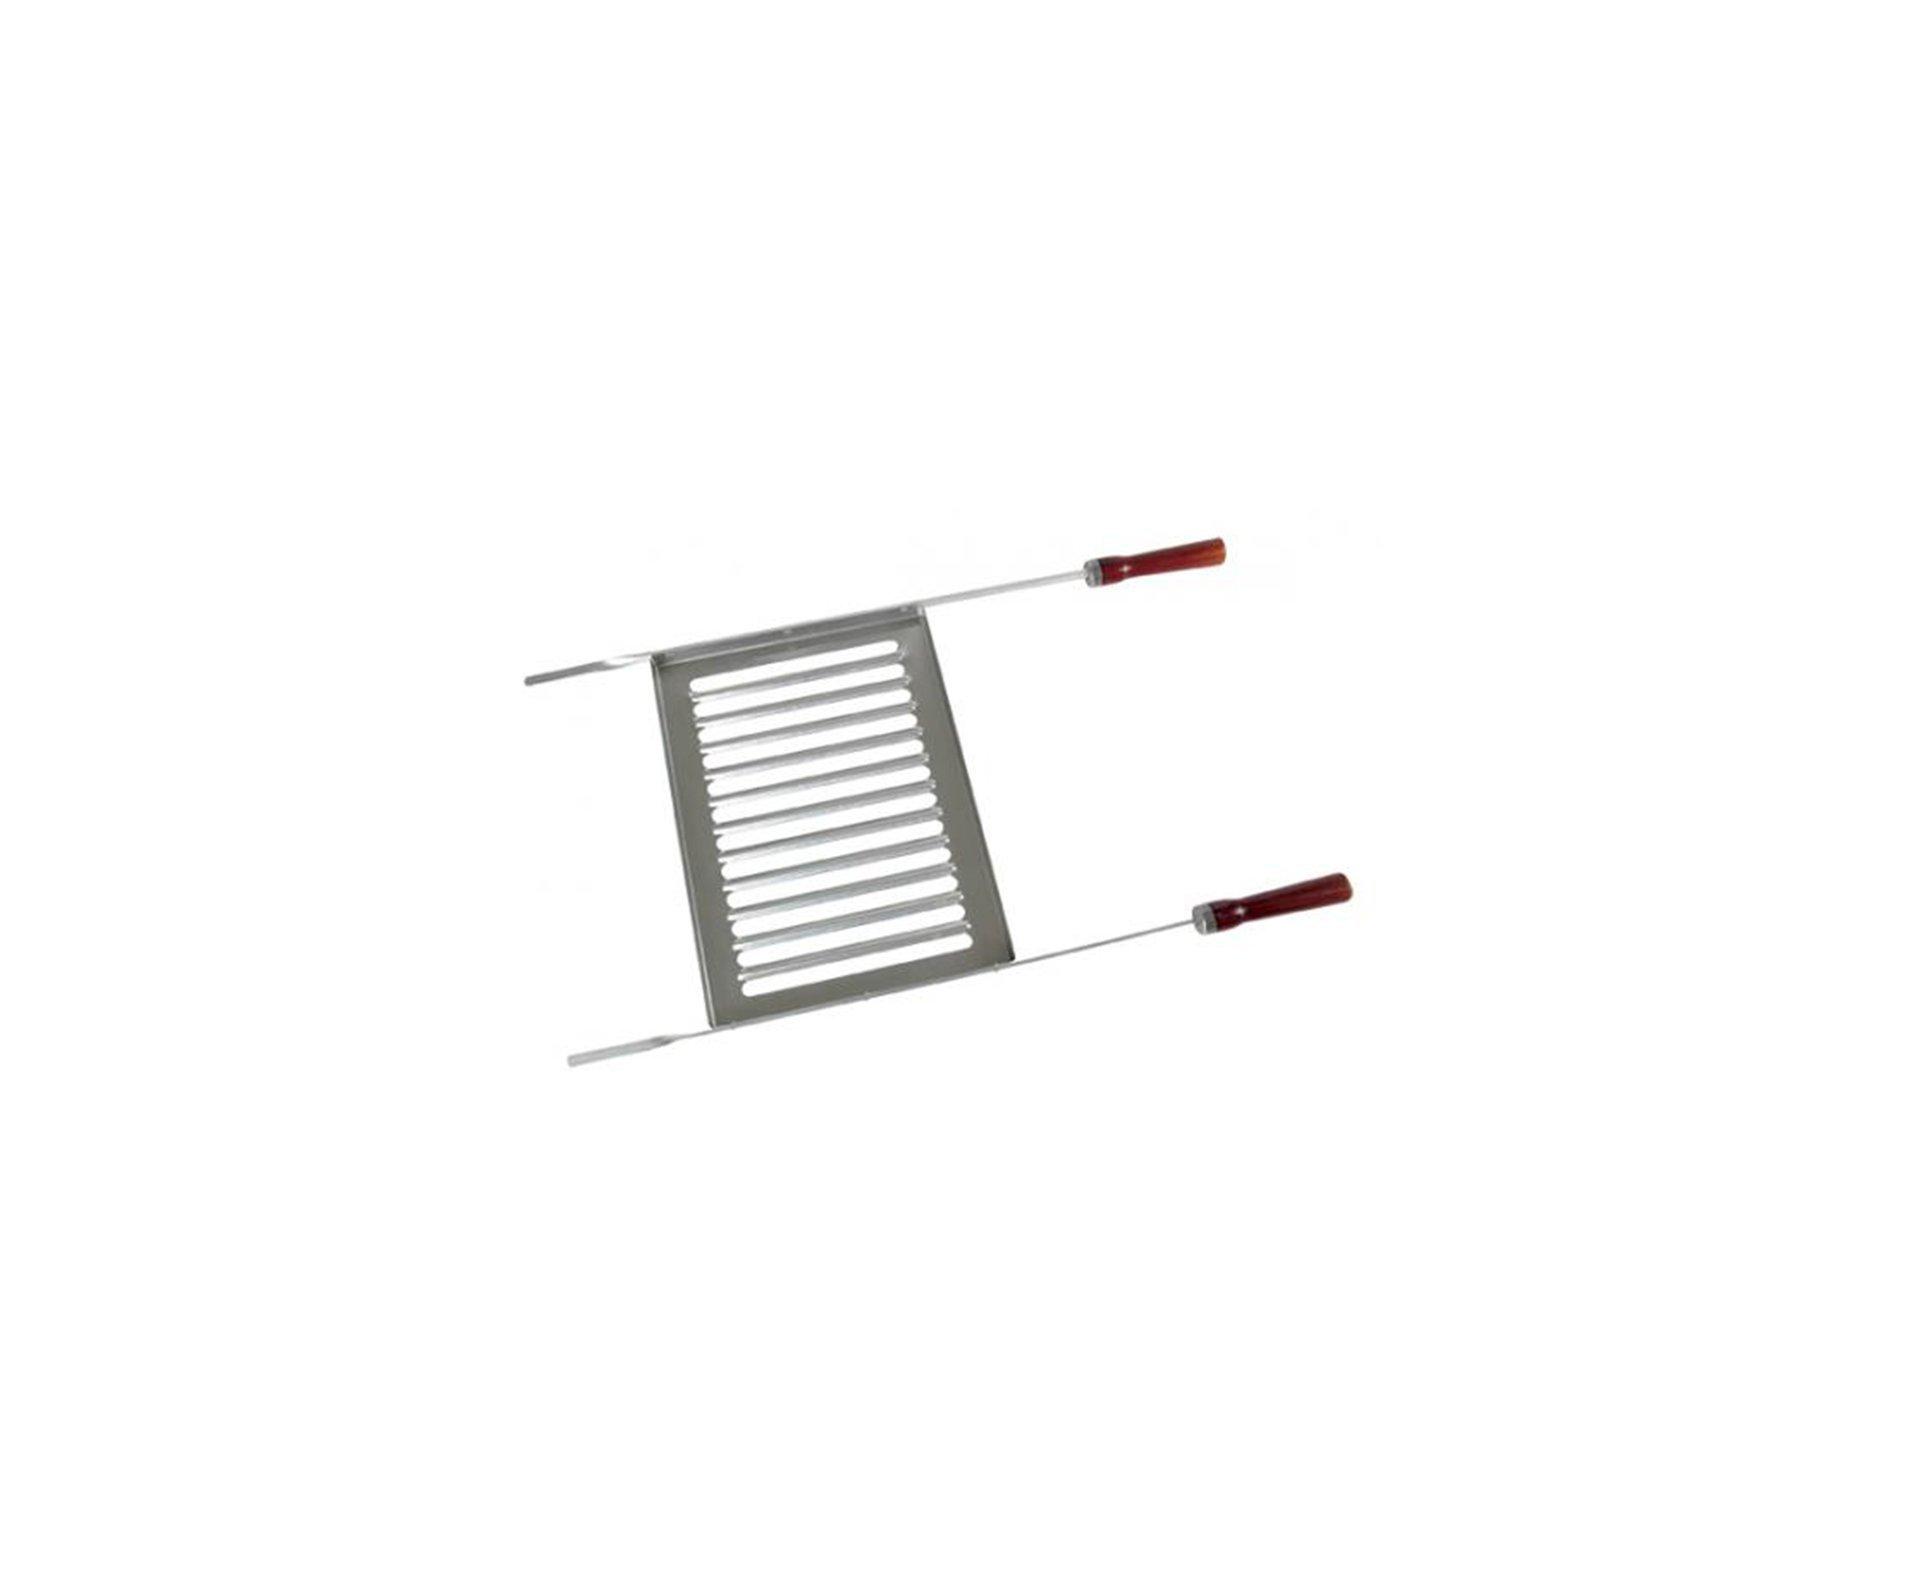 Grelha Alumínio Pro Ref. 003125 - Mor